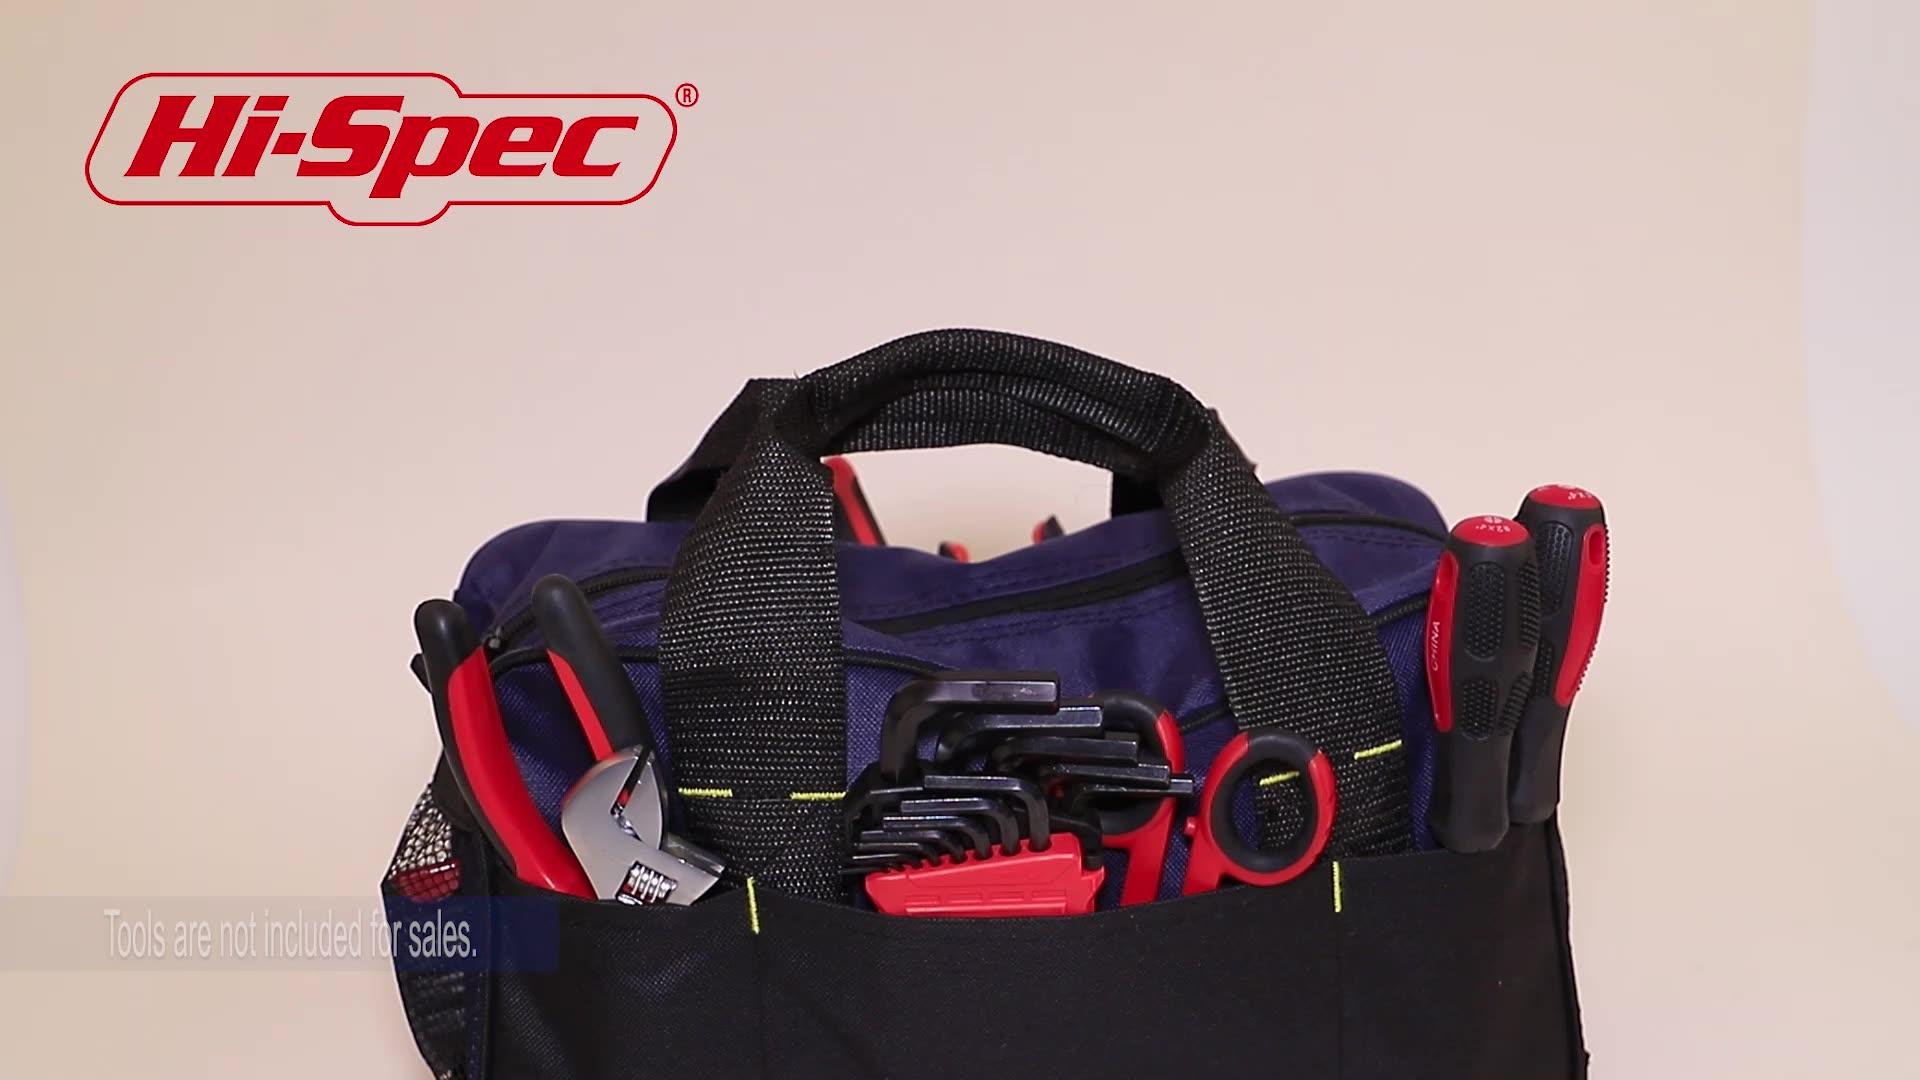 Hispec Elektriker Werkzeug Tasche Mechaniker Werkzeug Lagerung Tasche Gürtel Mehrere Tasche Leinwand Arbeit Schulter Tasche TB008